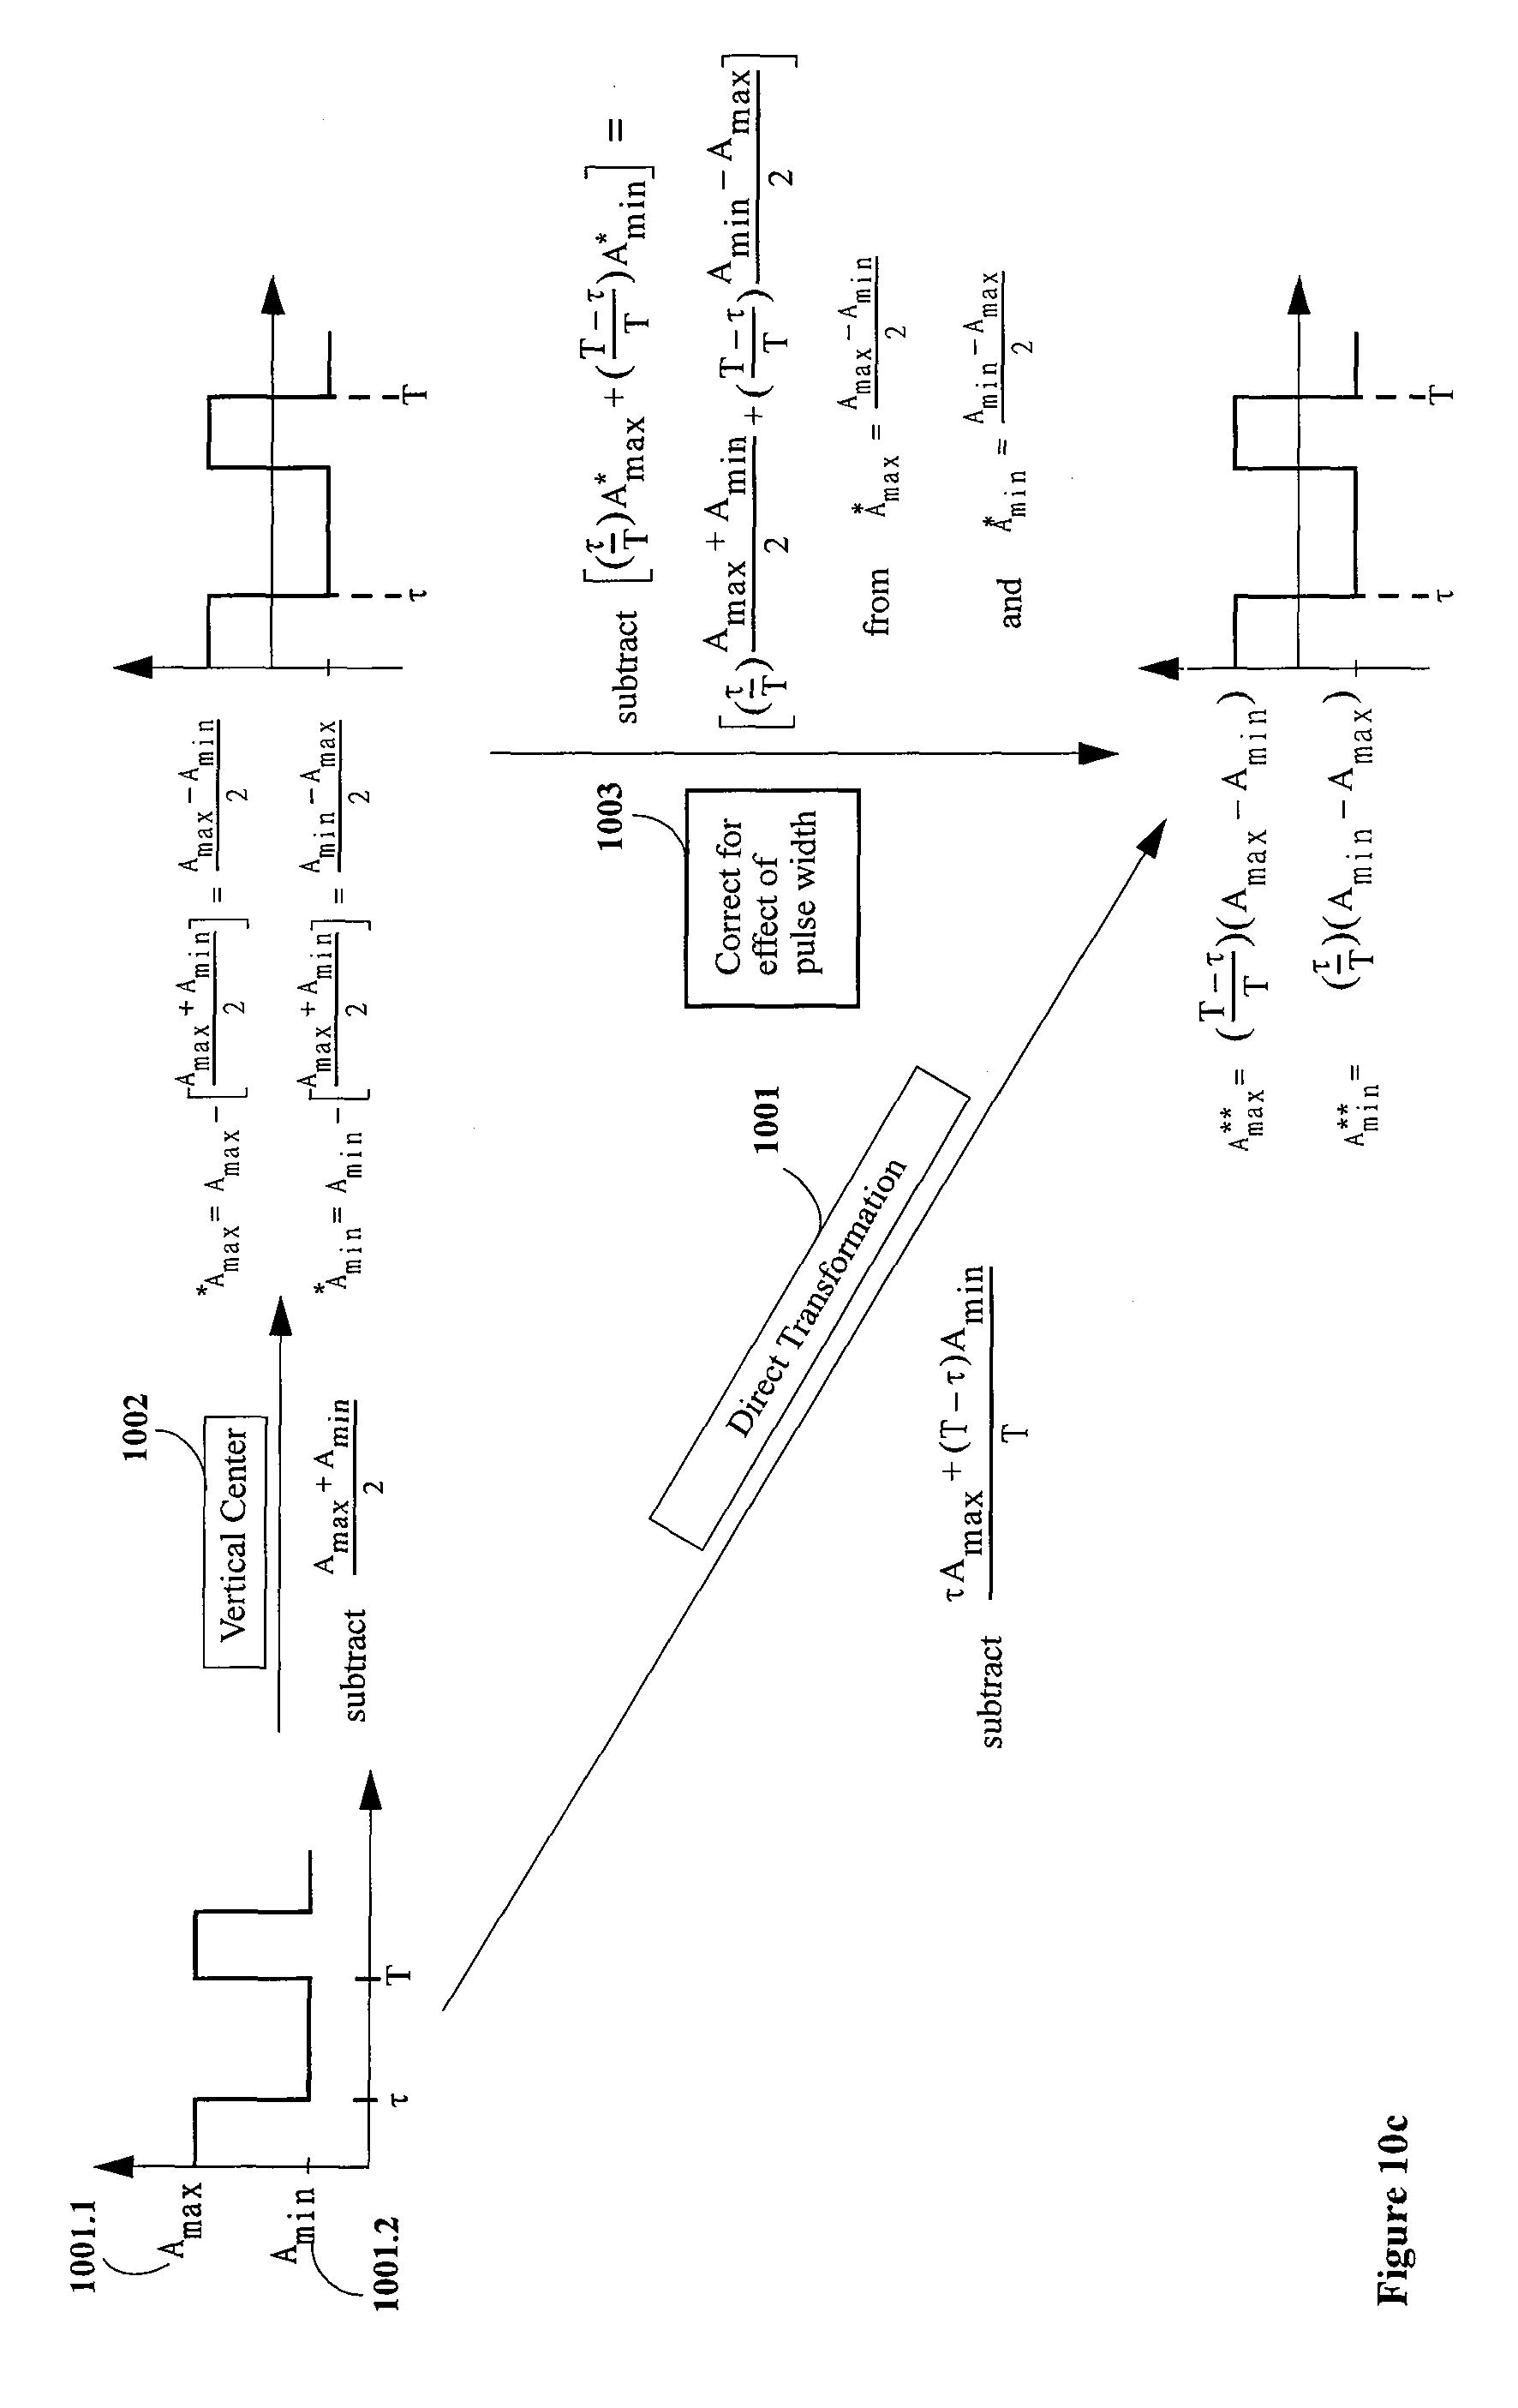 patent us7830219